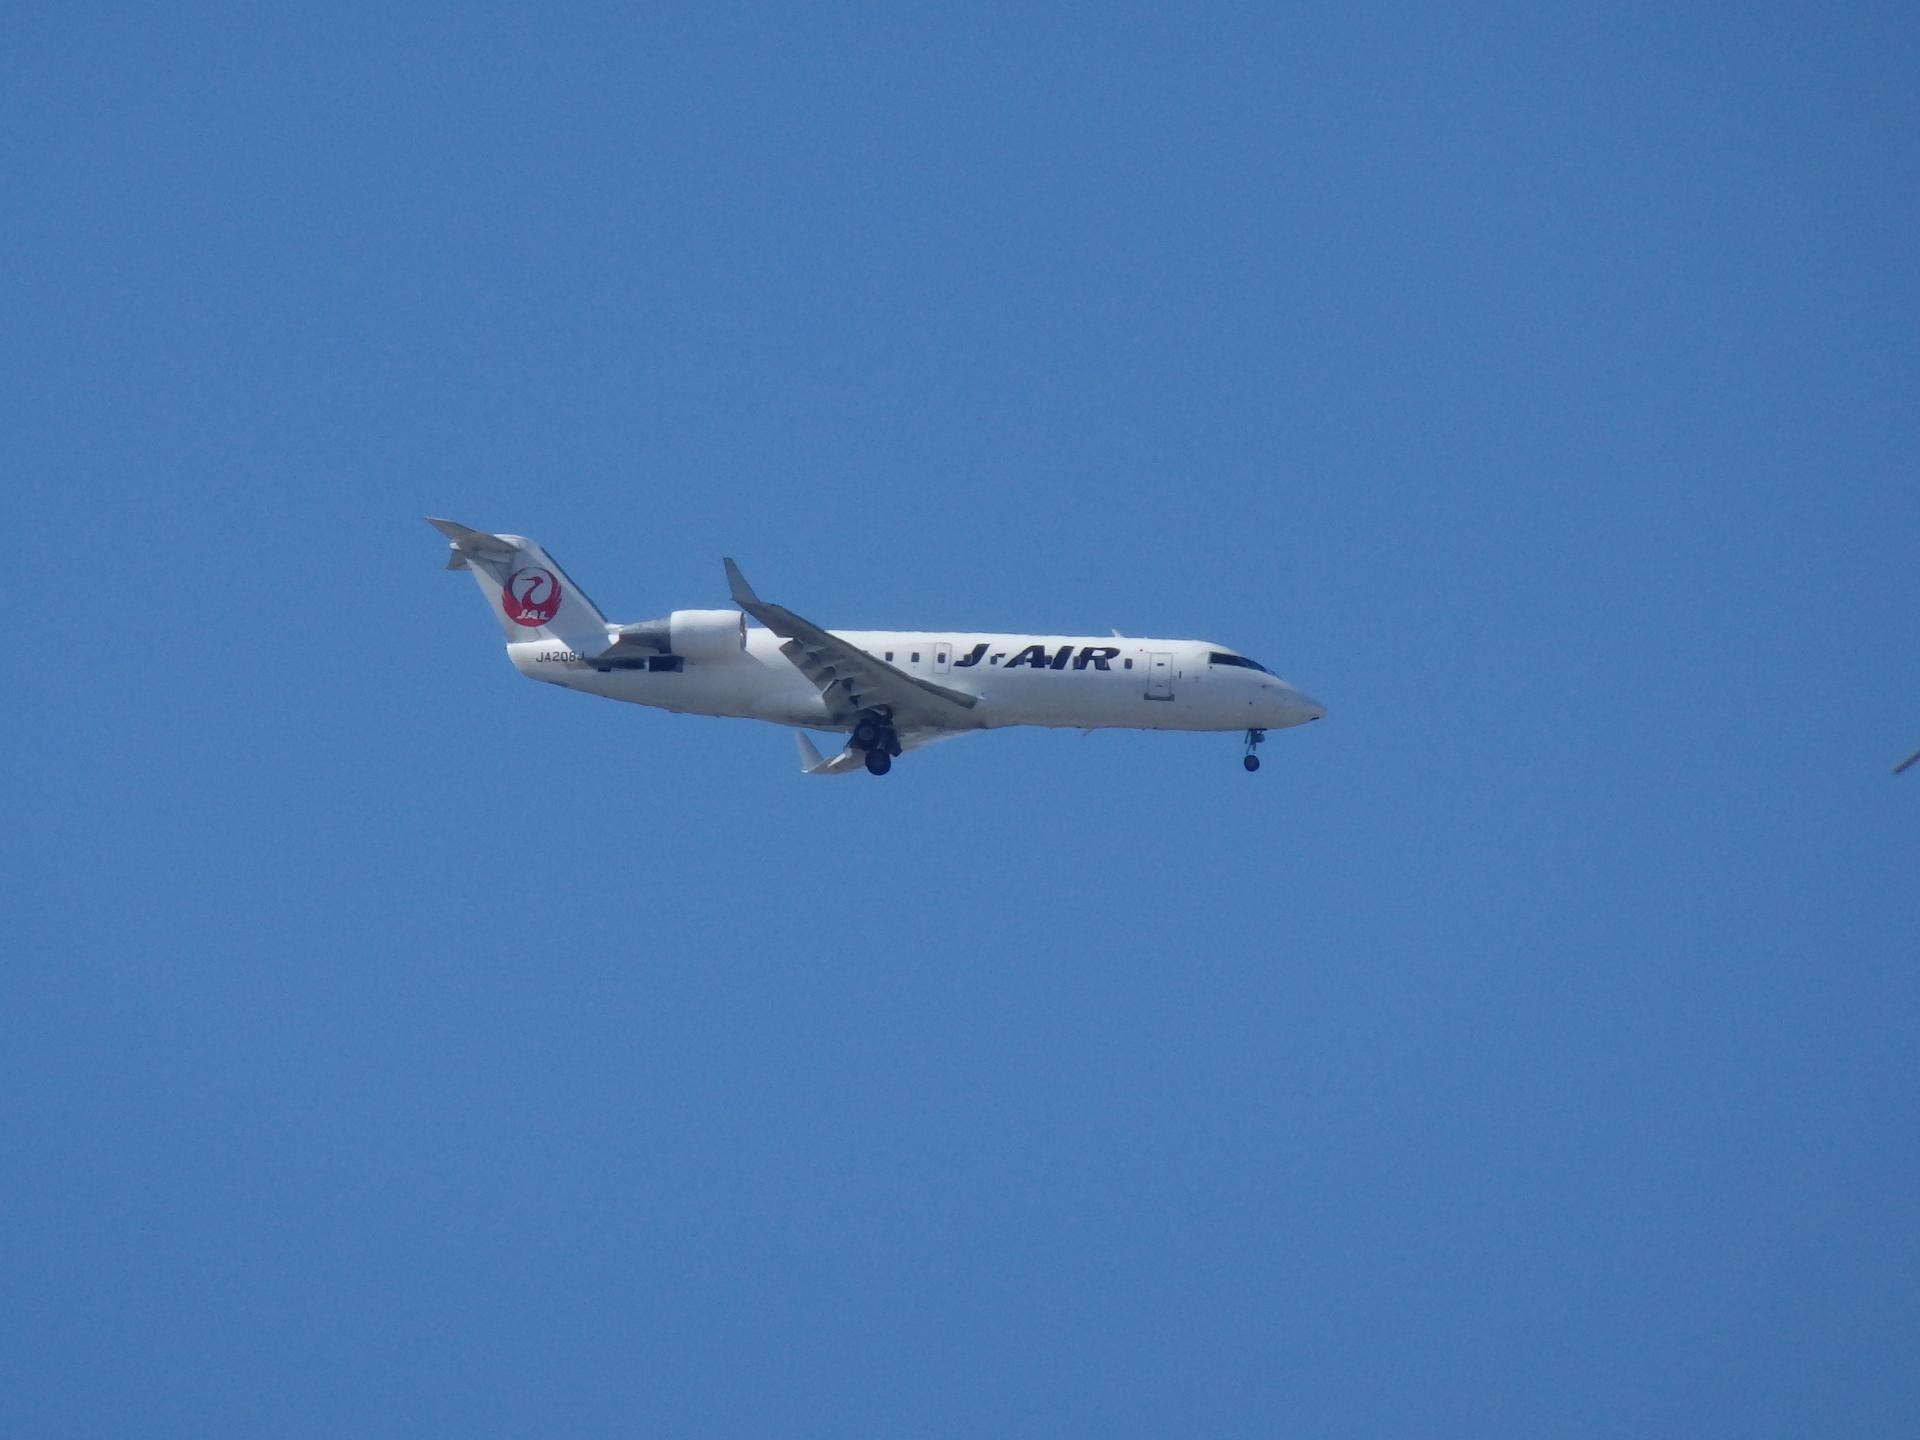 JALのCRJ-200機です。